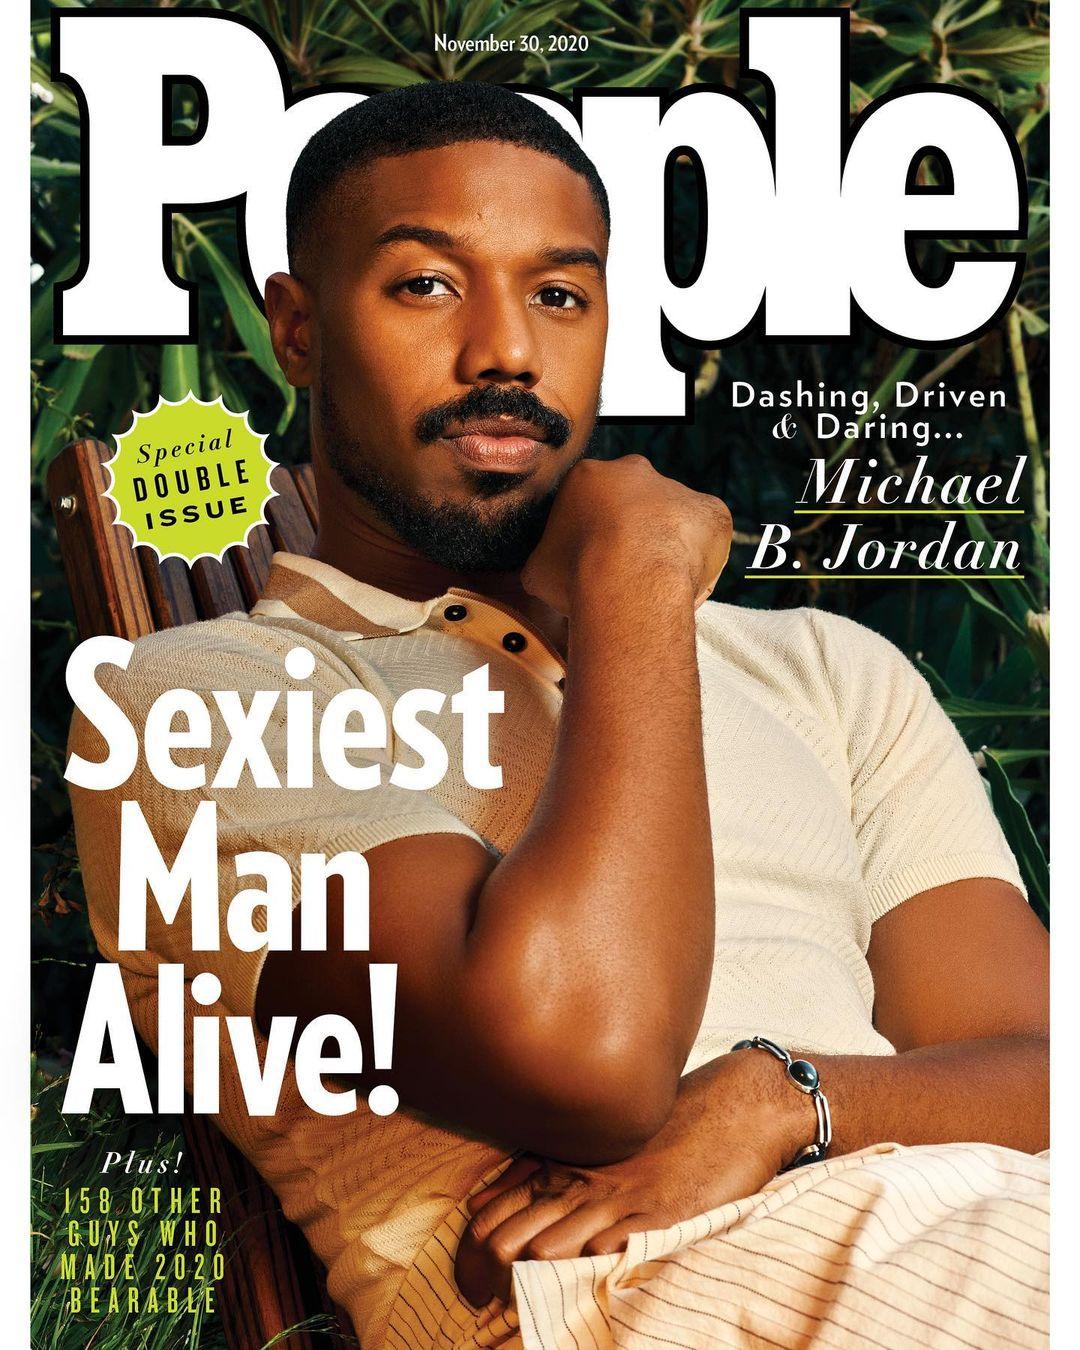 Capa da revista People, Michael B. Jordan.